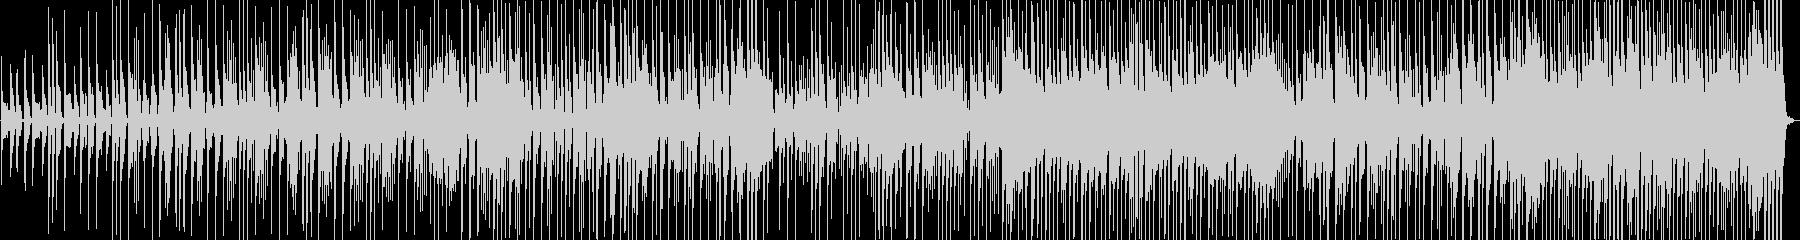 明るくてシンプルなアコースティック音楽の未再生の波形